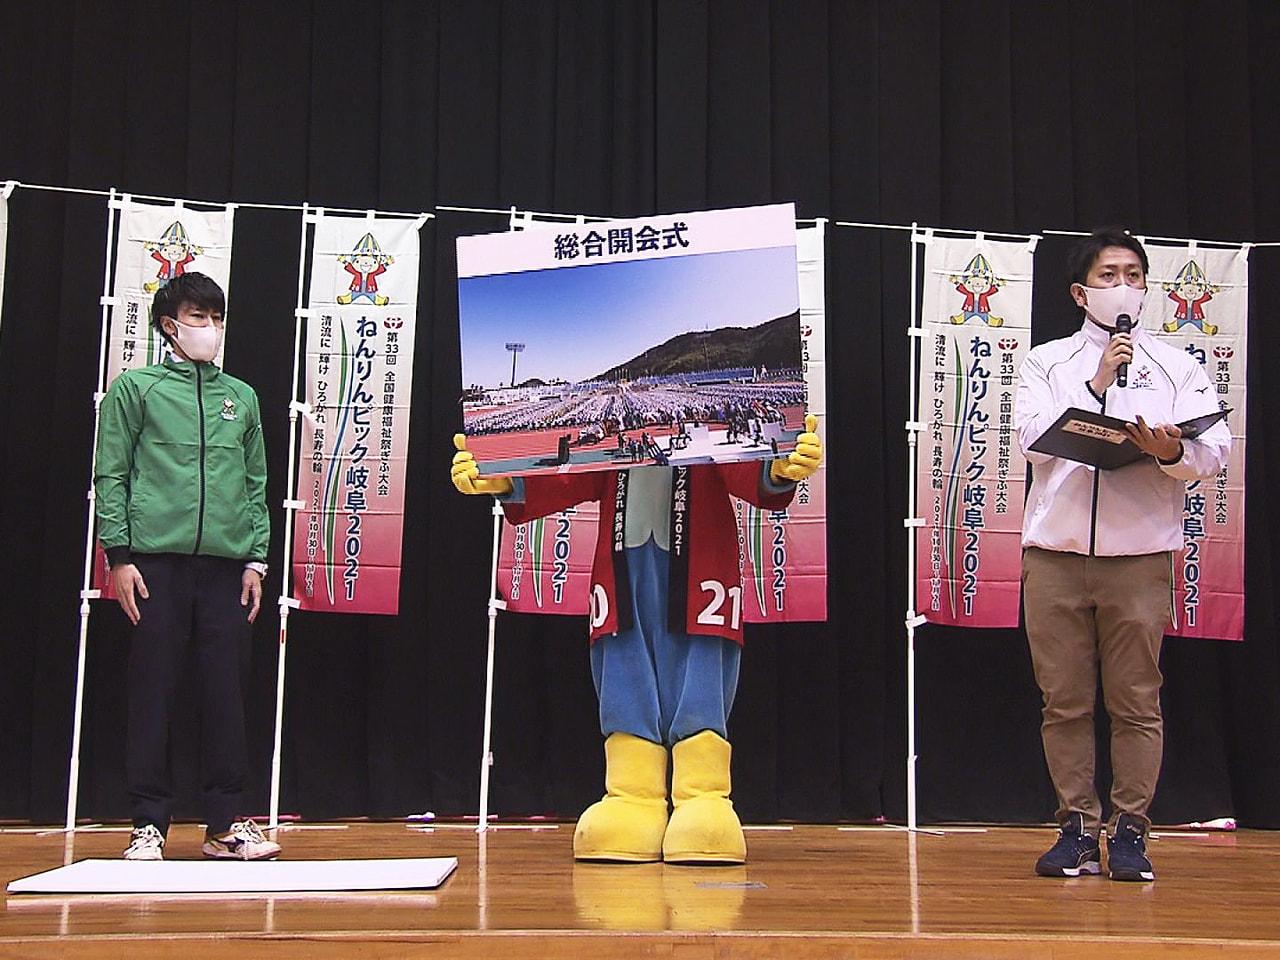 ことし秋に岐阜県で開かれるねんりんピックの開催機運を盛り上げようと、19日から岐...